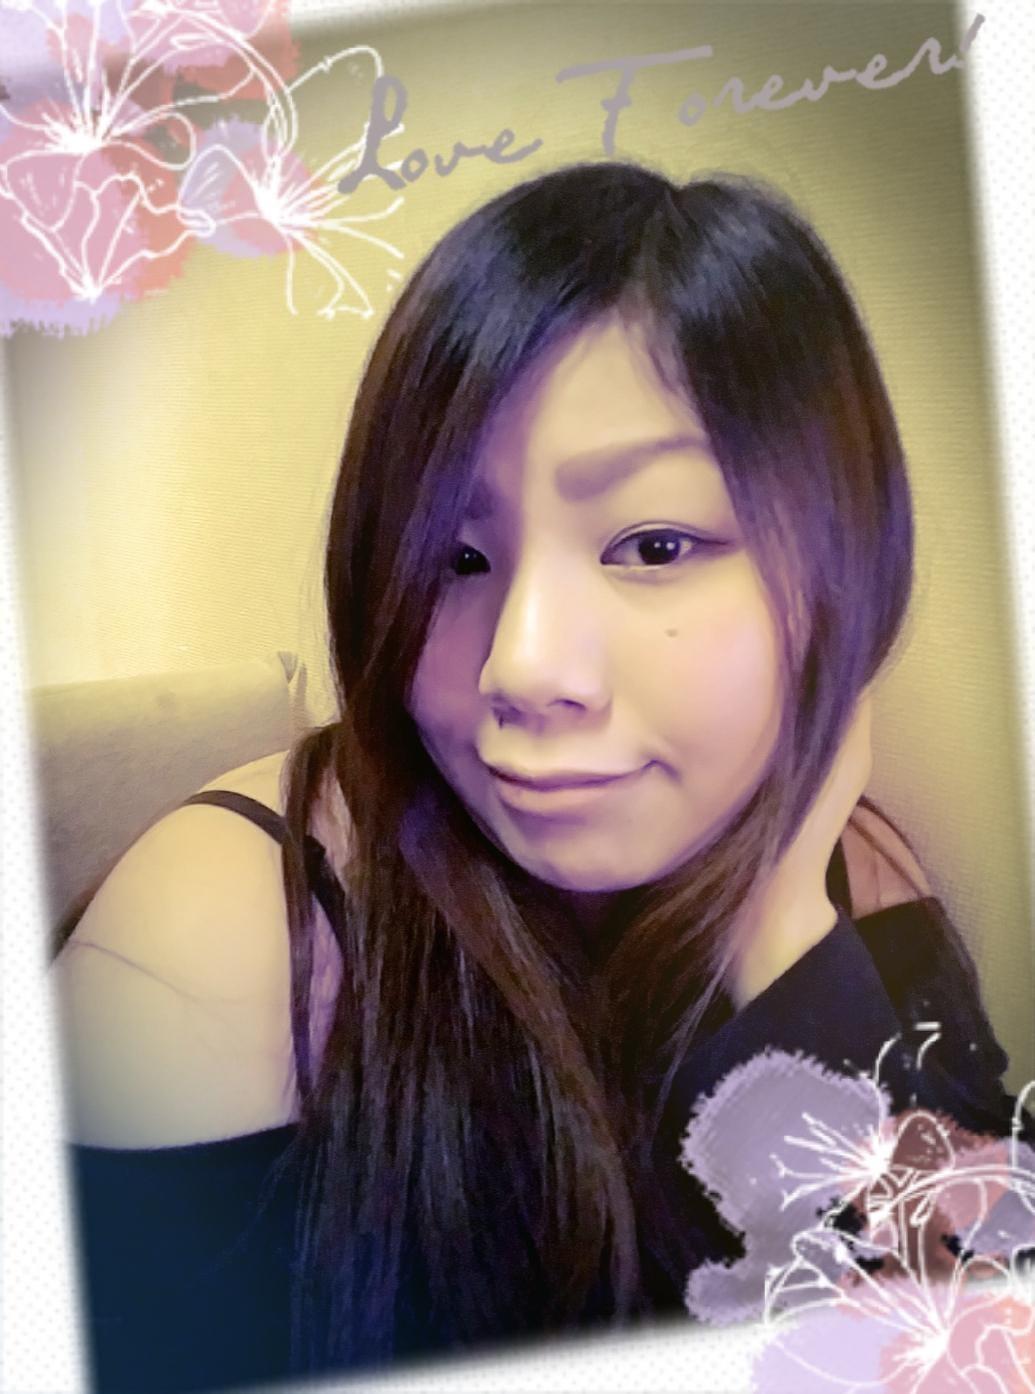 ゆずか☆淫乱ロリッ娘!「おはよー♪」08/17(金) 10:48 | ゆずか☆淫乱ロリッ娘!の写メ・風俗動画